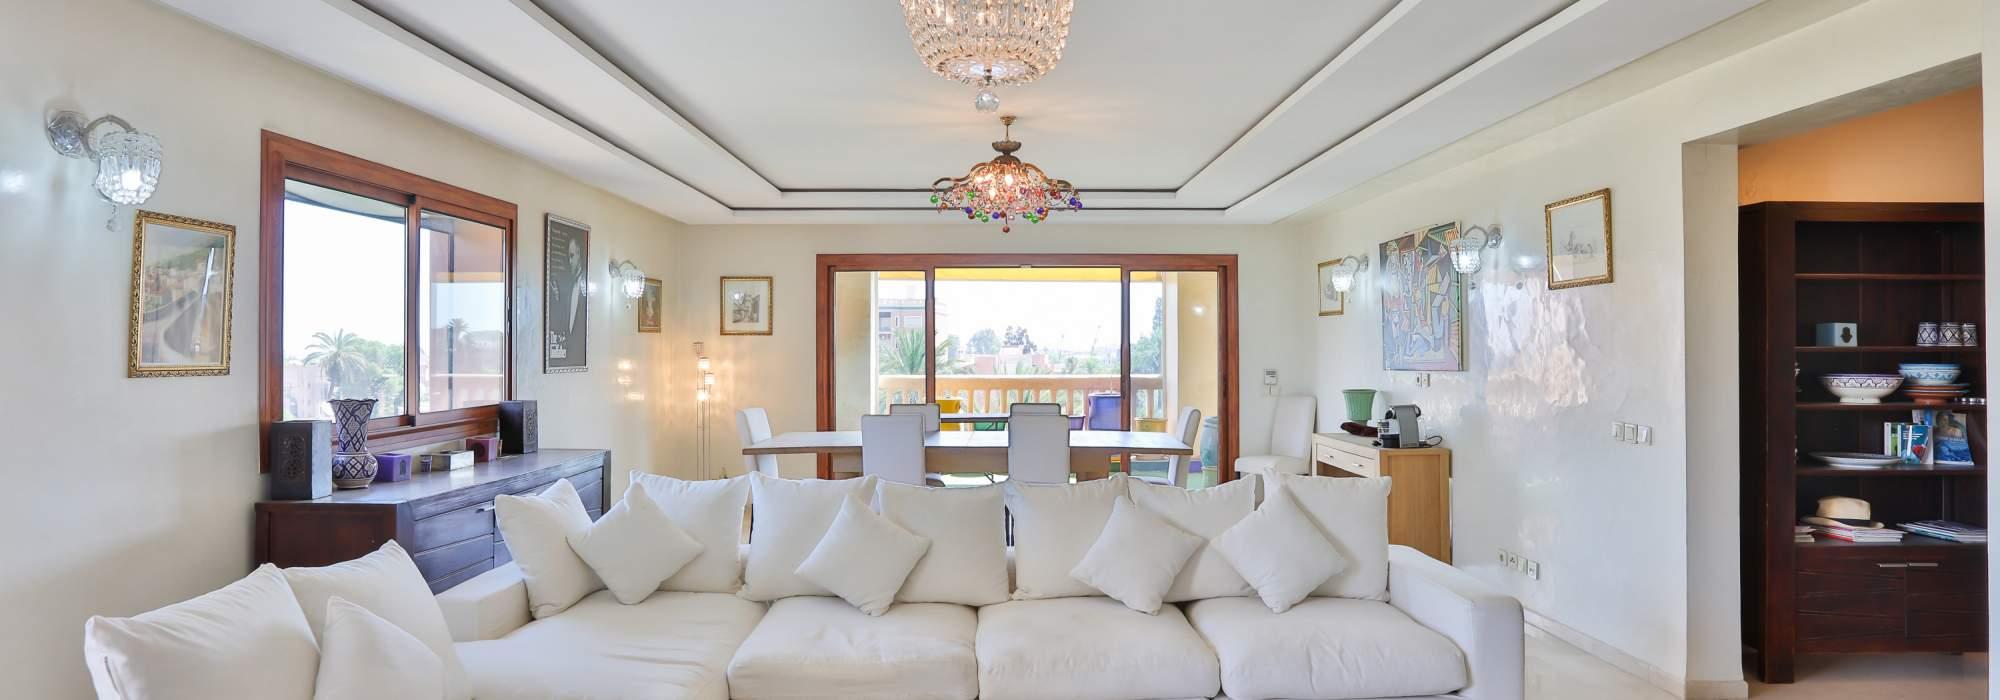 appartement a vendre hivernage marrakech